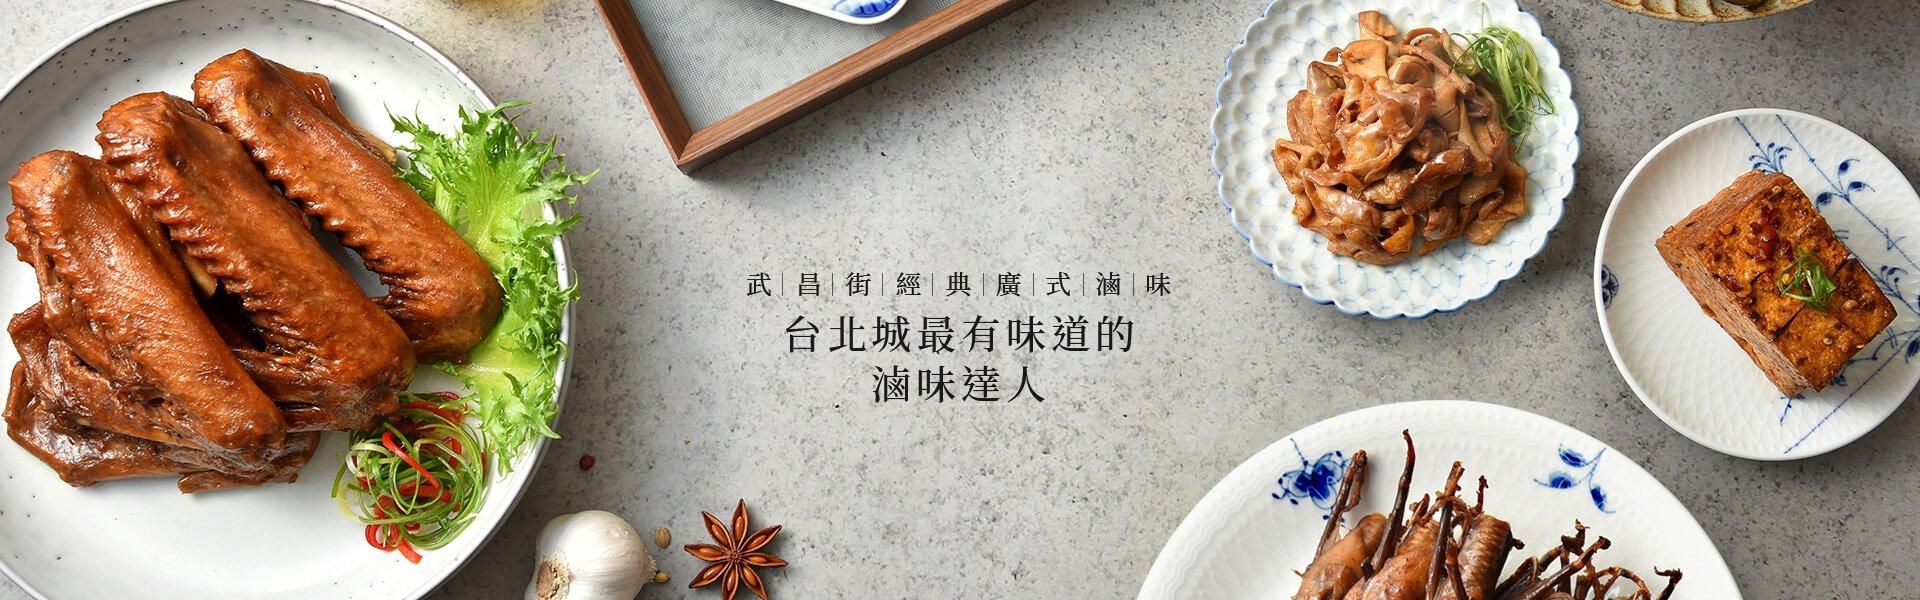 台北城最有味道的滷味達人